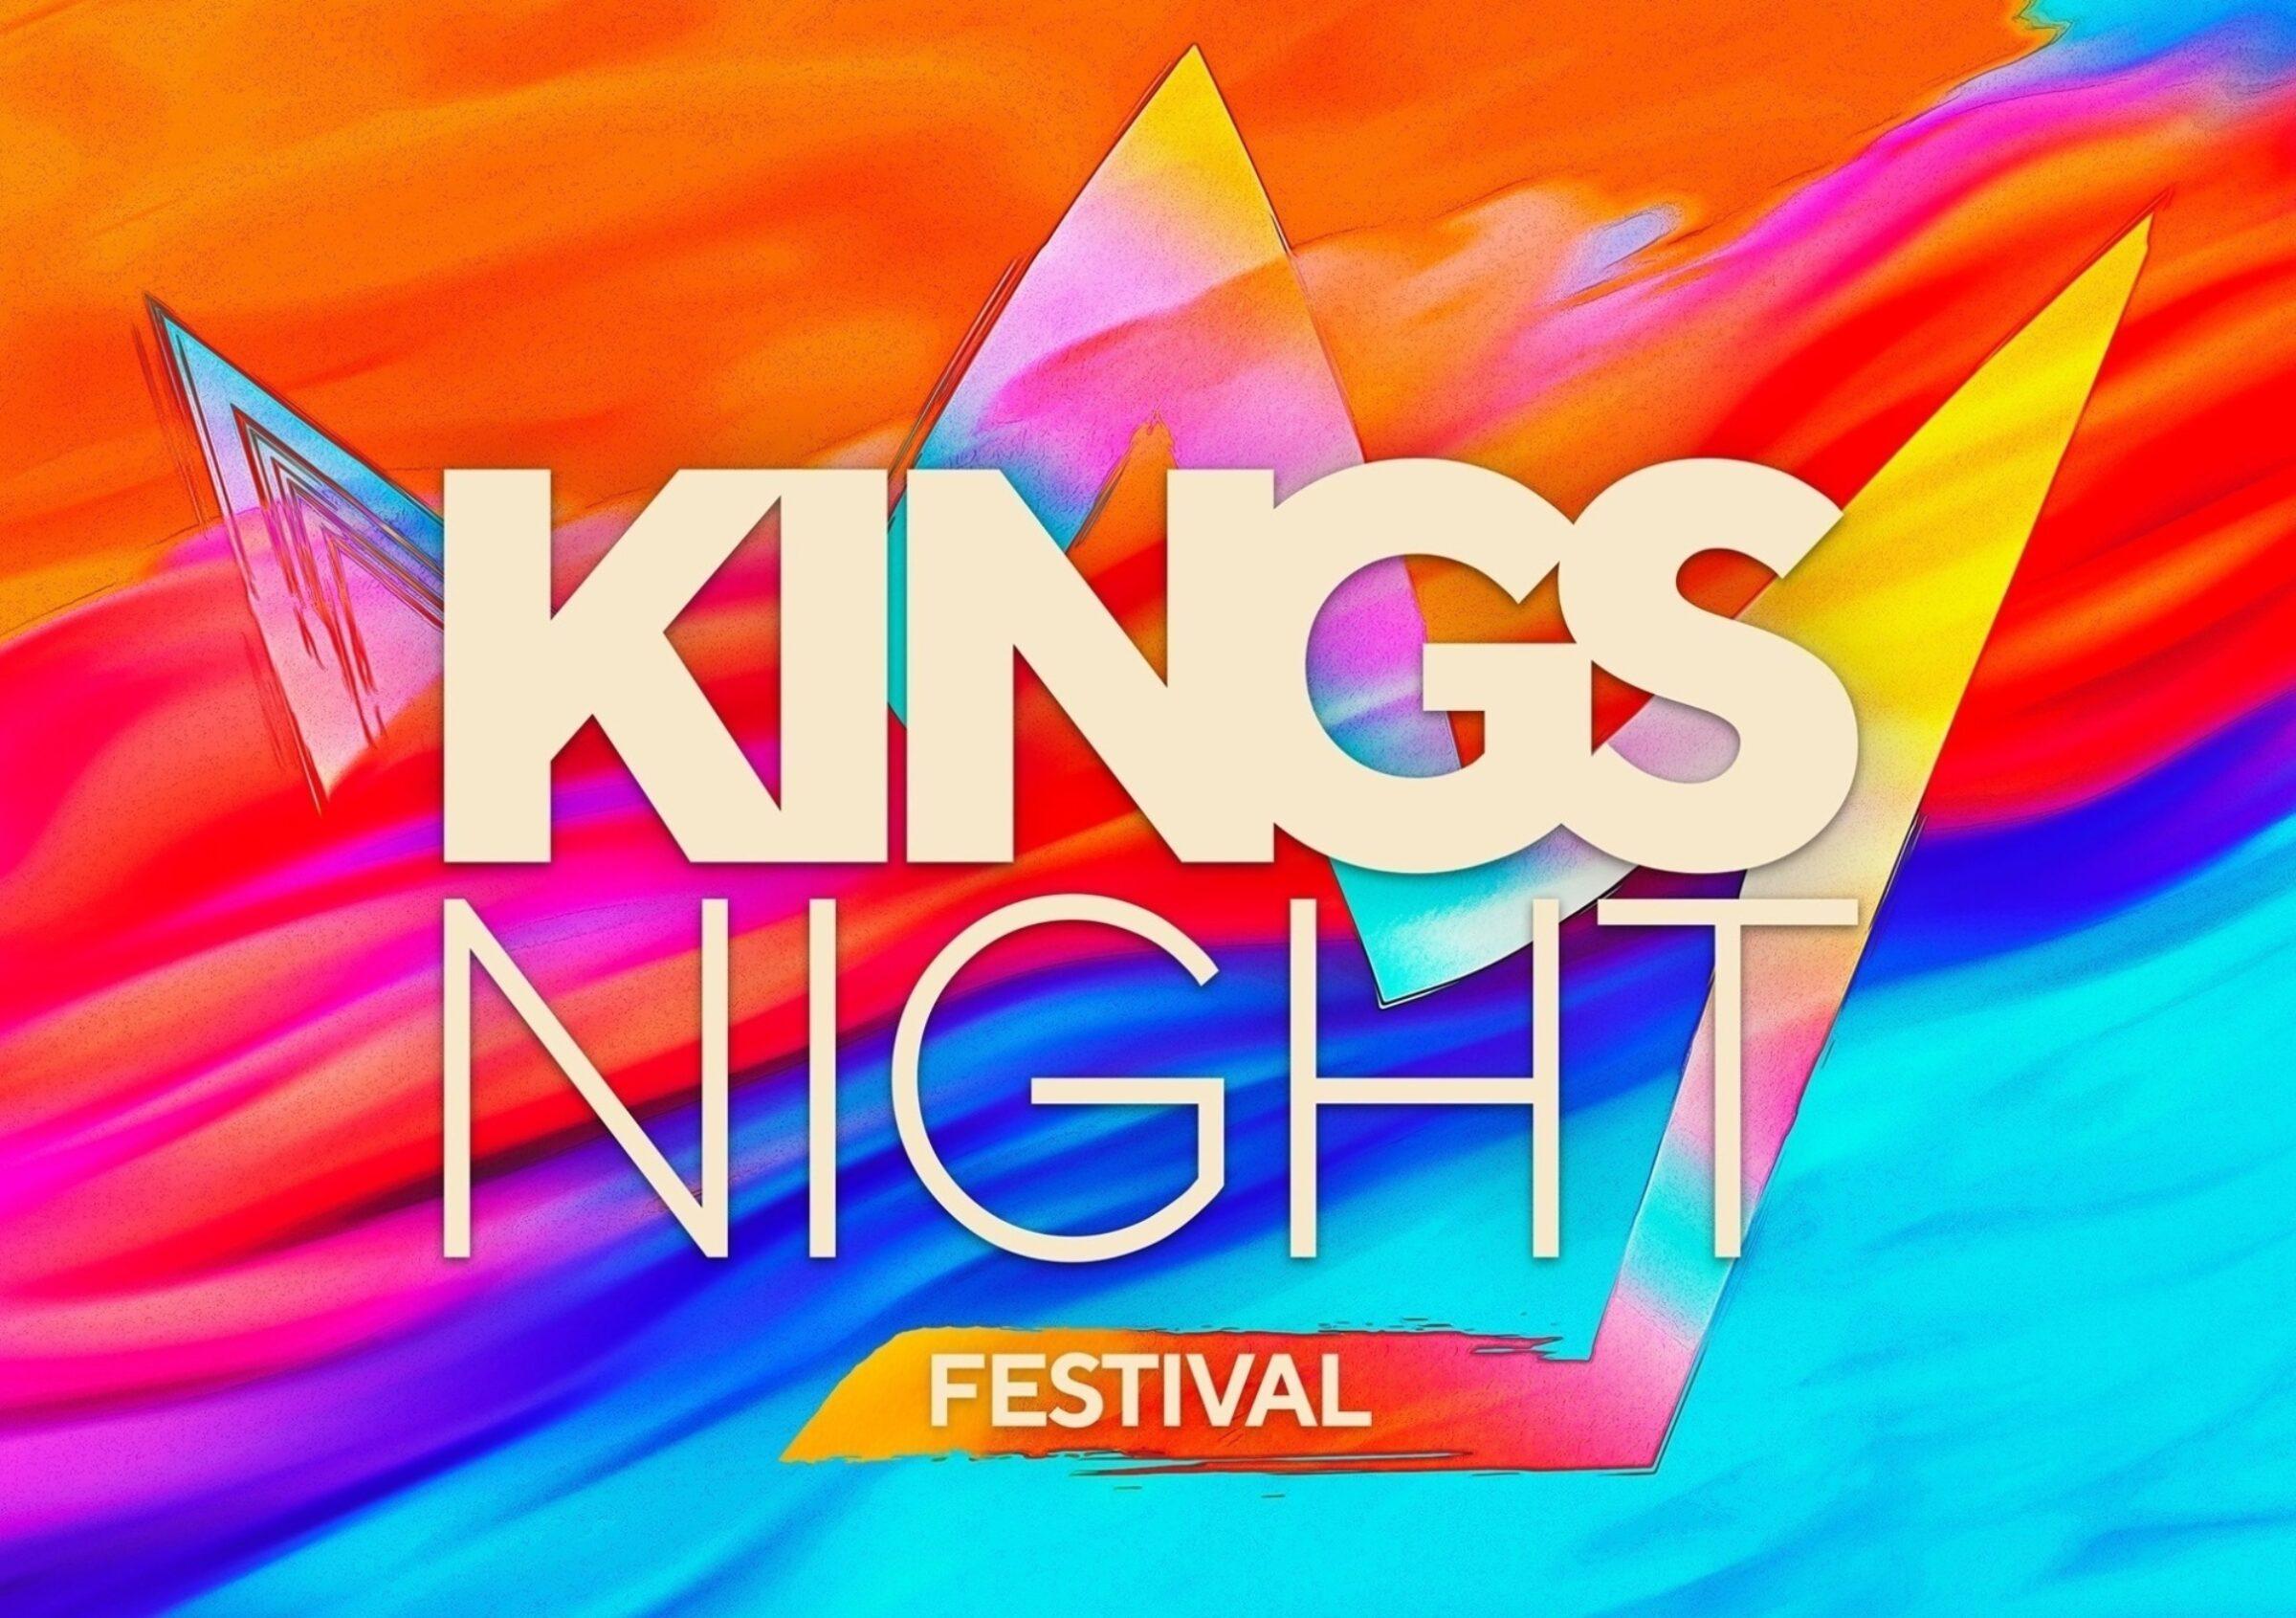 Kingsnight-Festival-Enschede